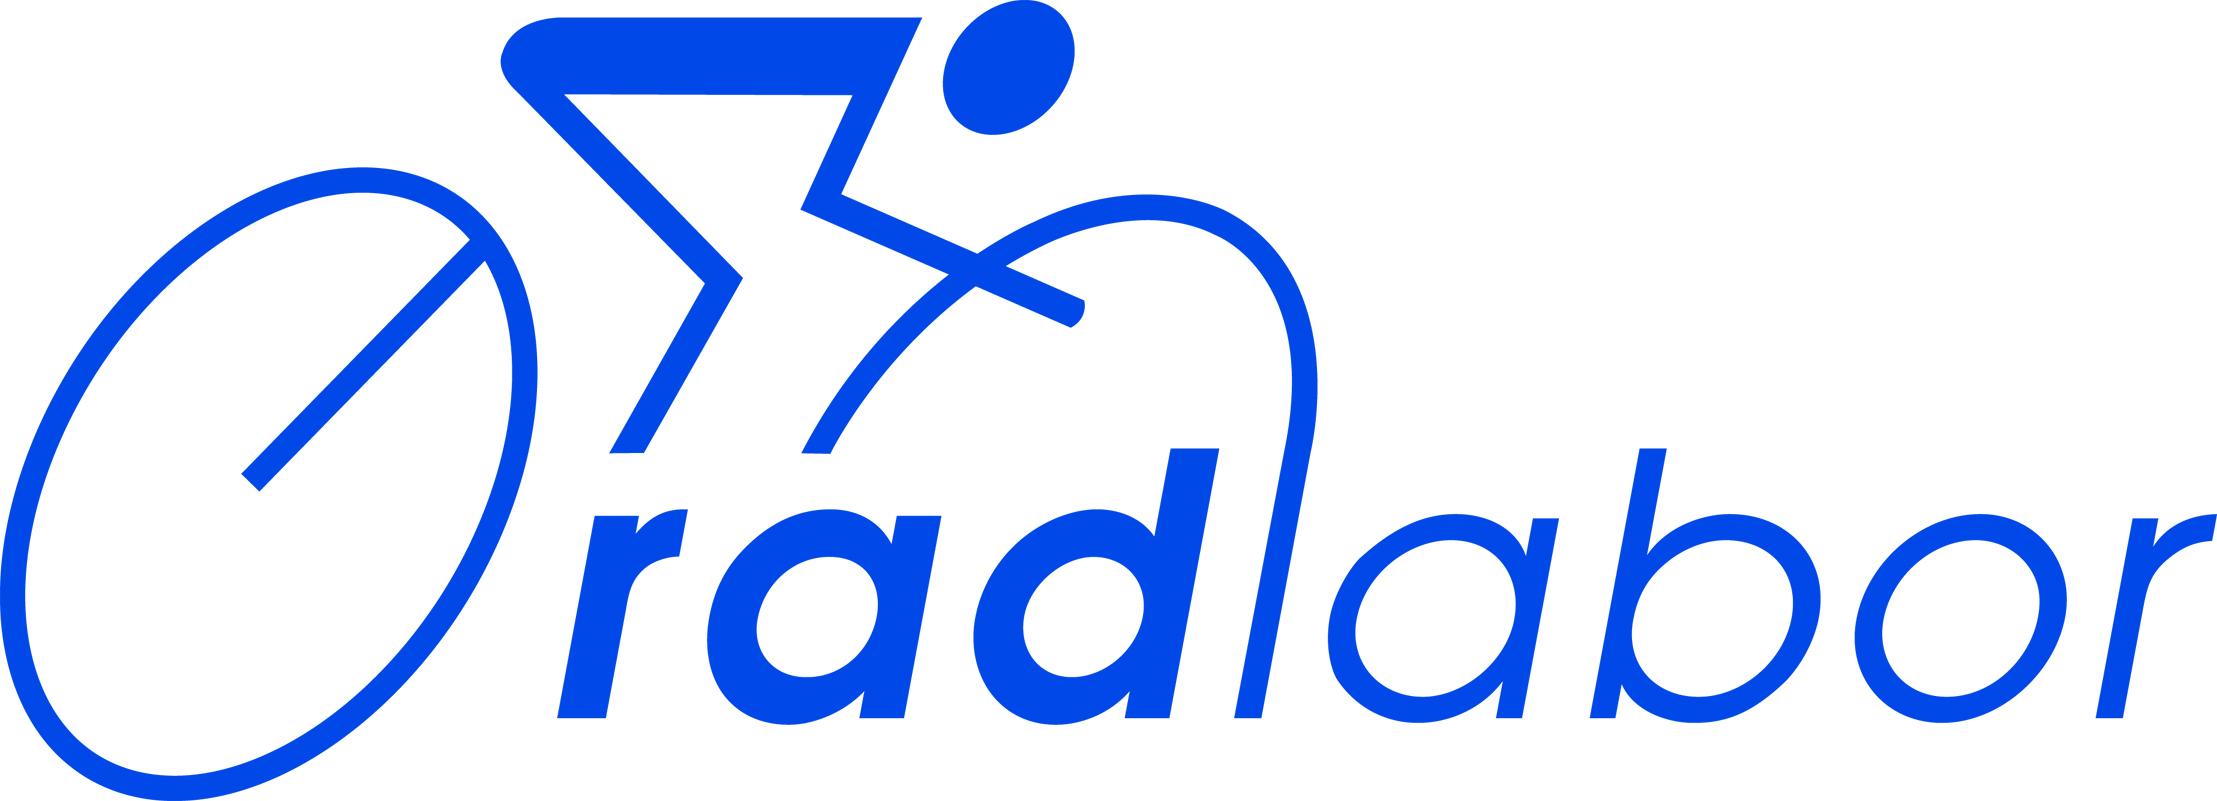 092001_RL_Logo_blau_300dpi_cmyk